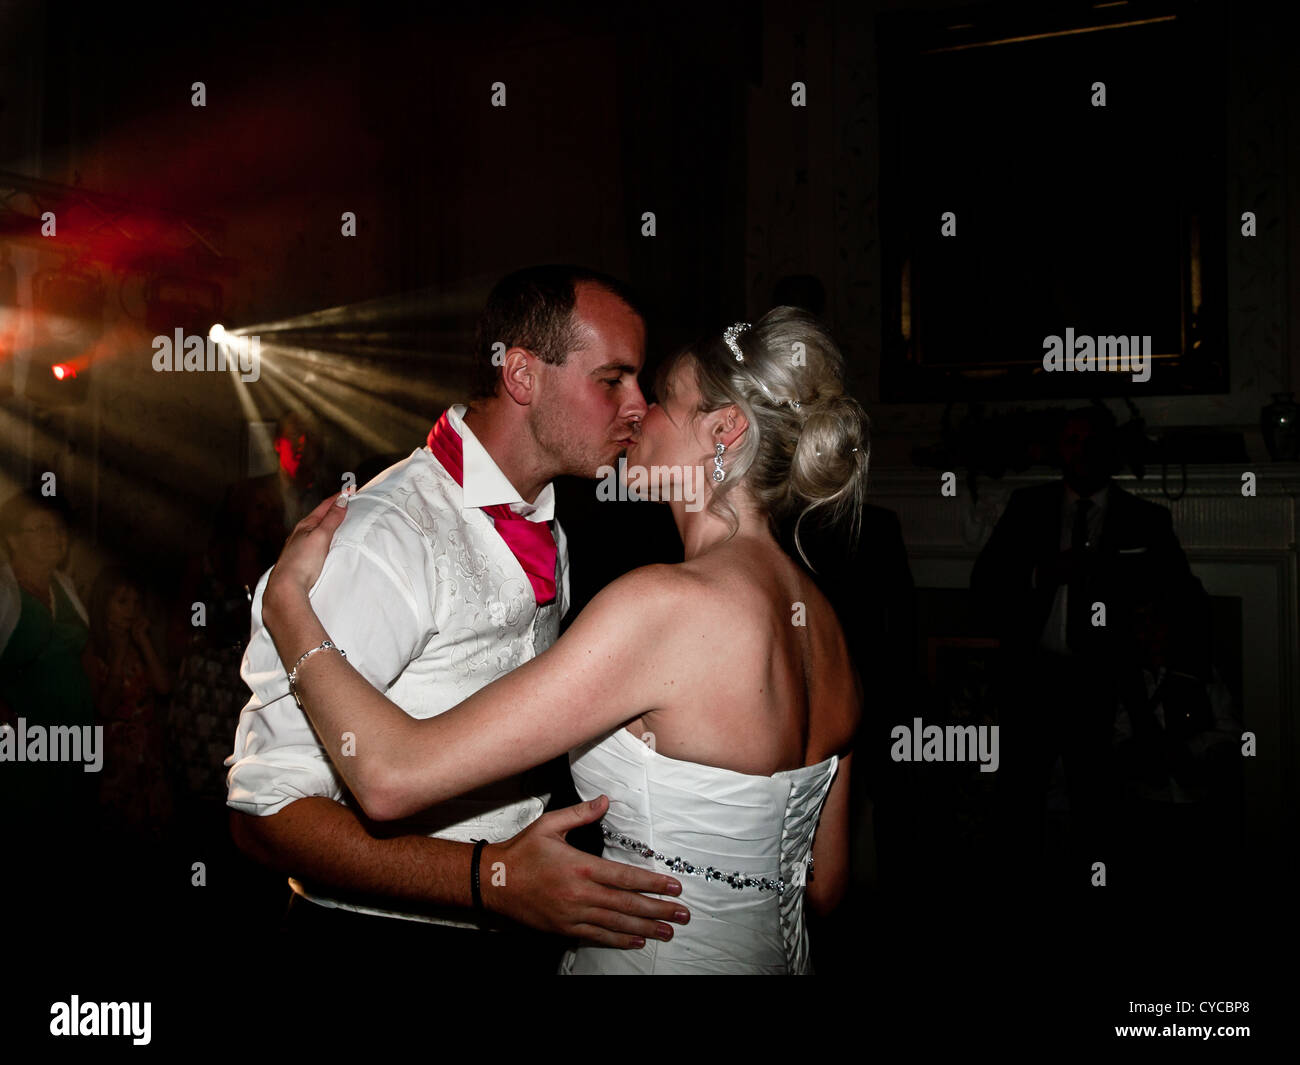 La sposa e lo sposo bacio romanticamente durante il primo ballo il loro giorno delle nozze. Immagini Stock